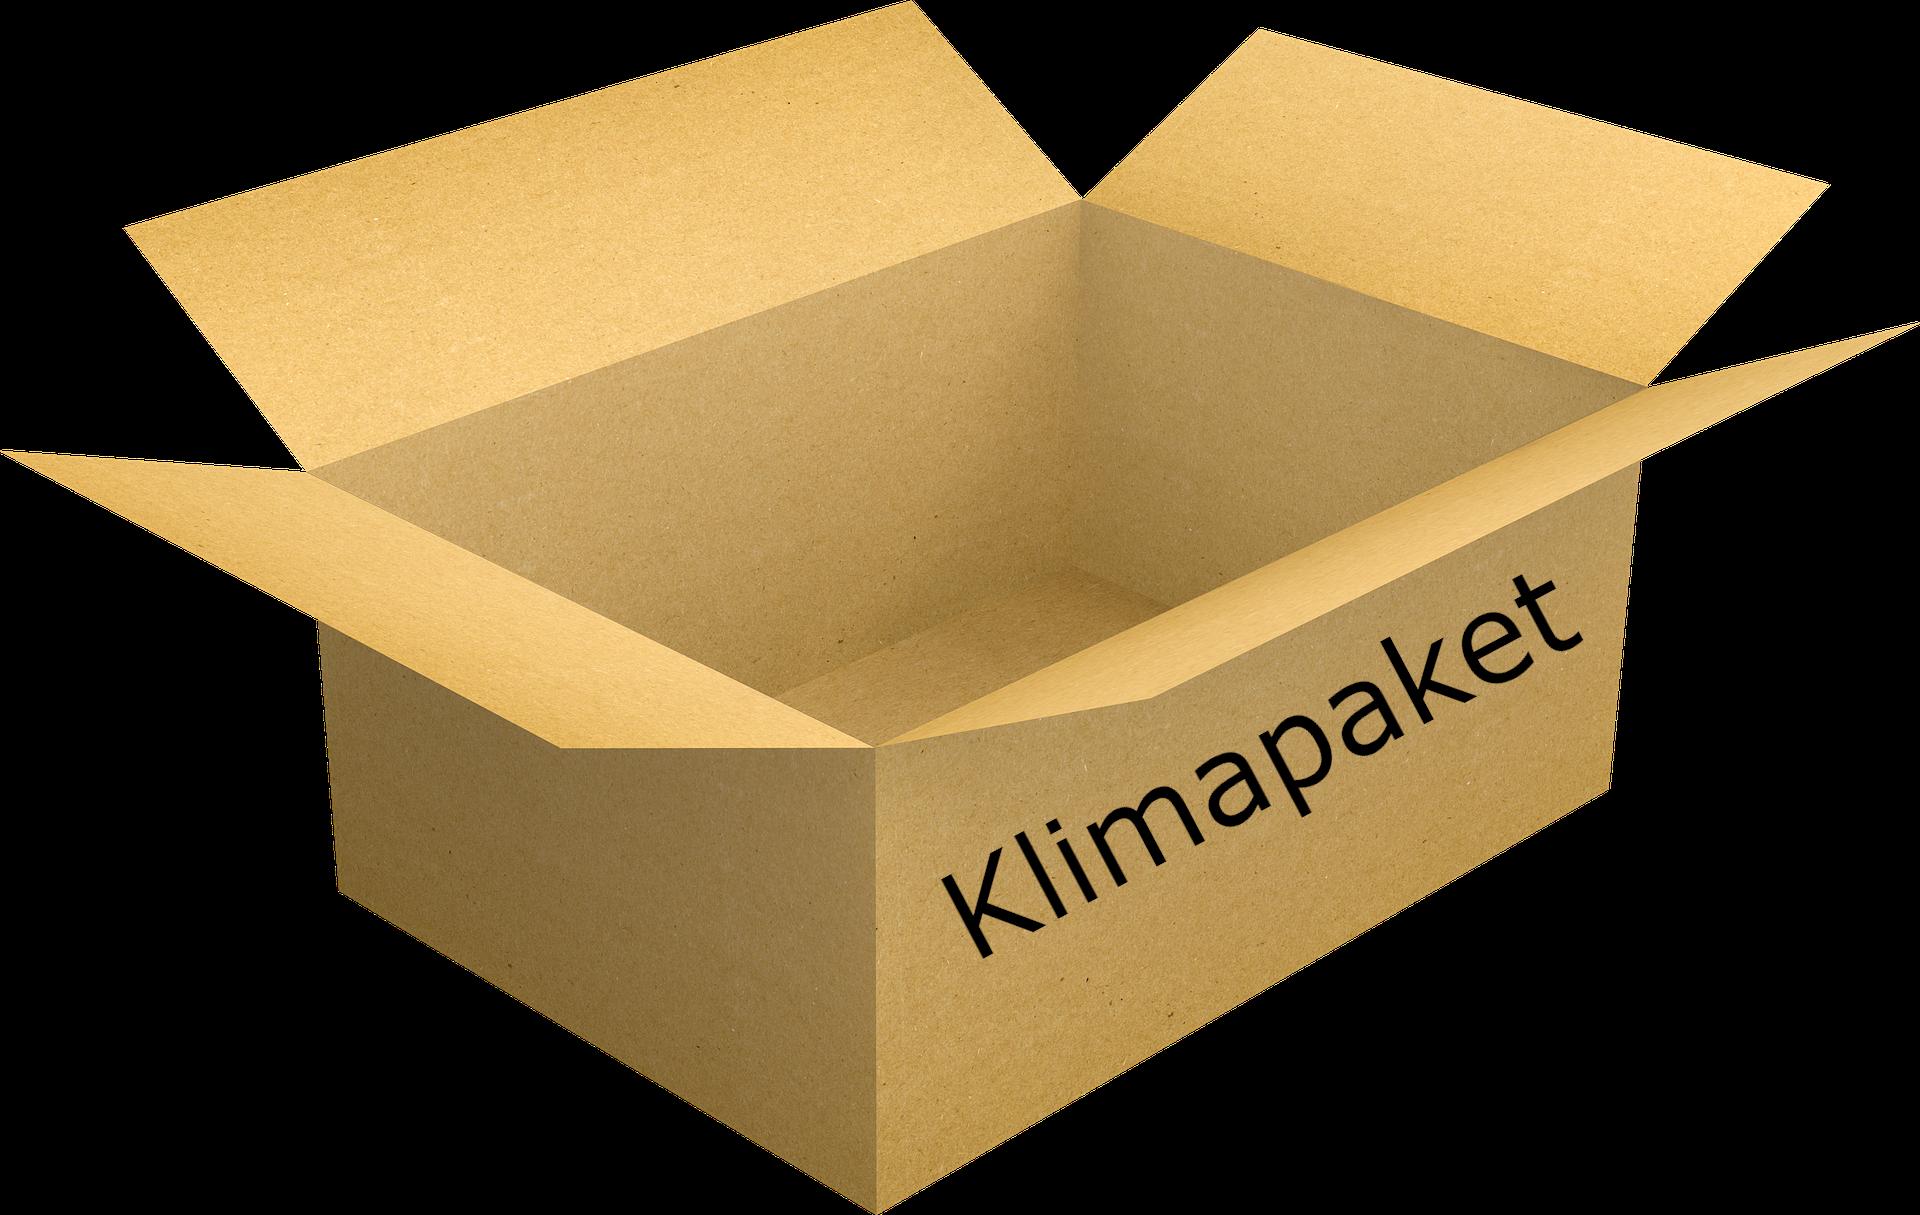 Klimapaket Karton Q